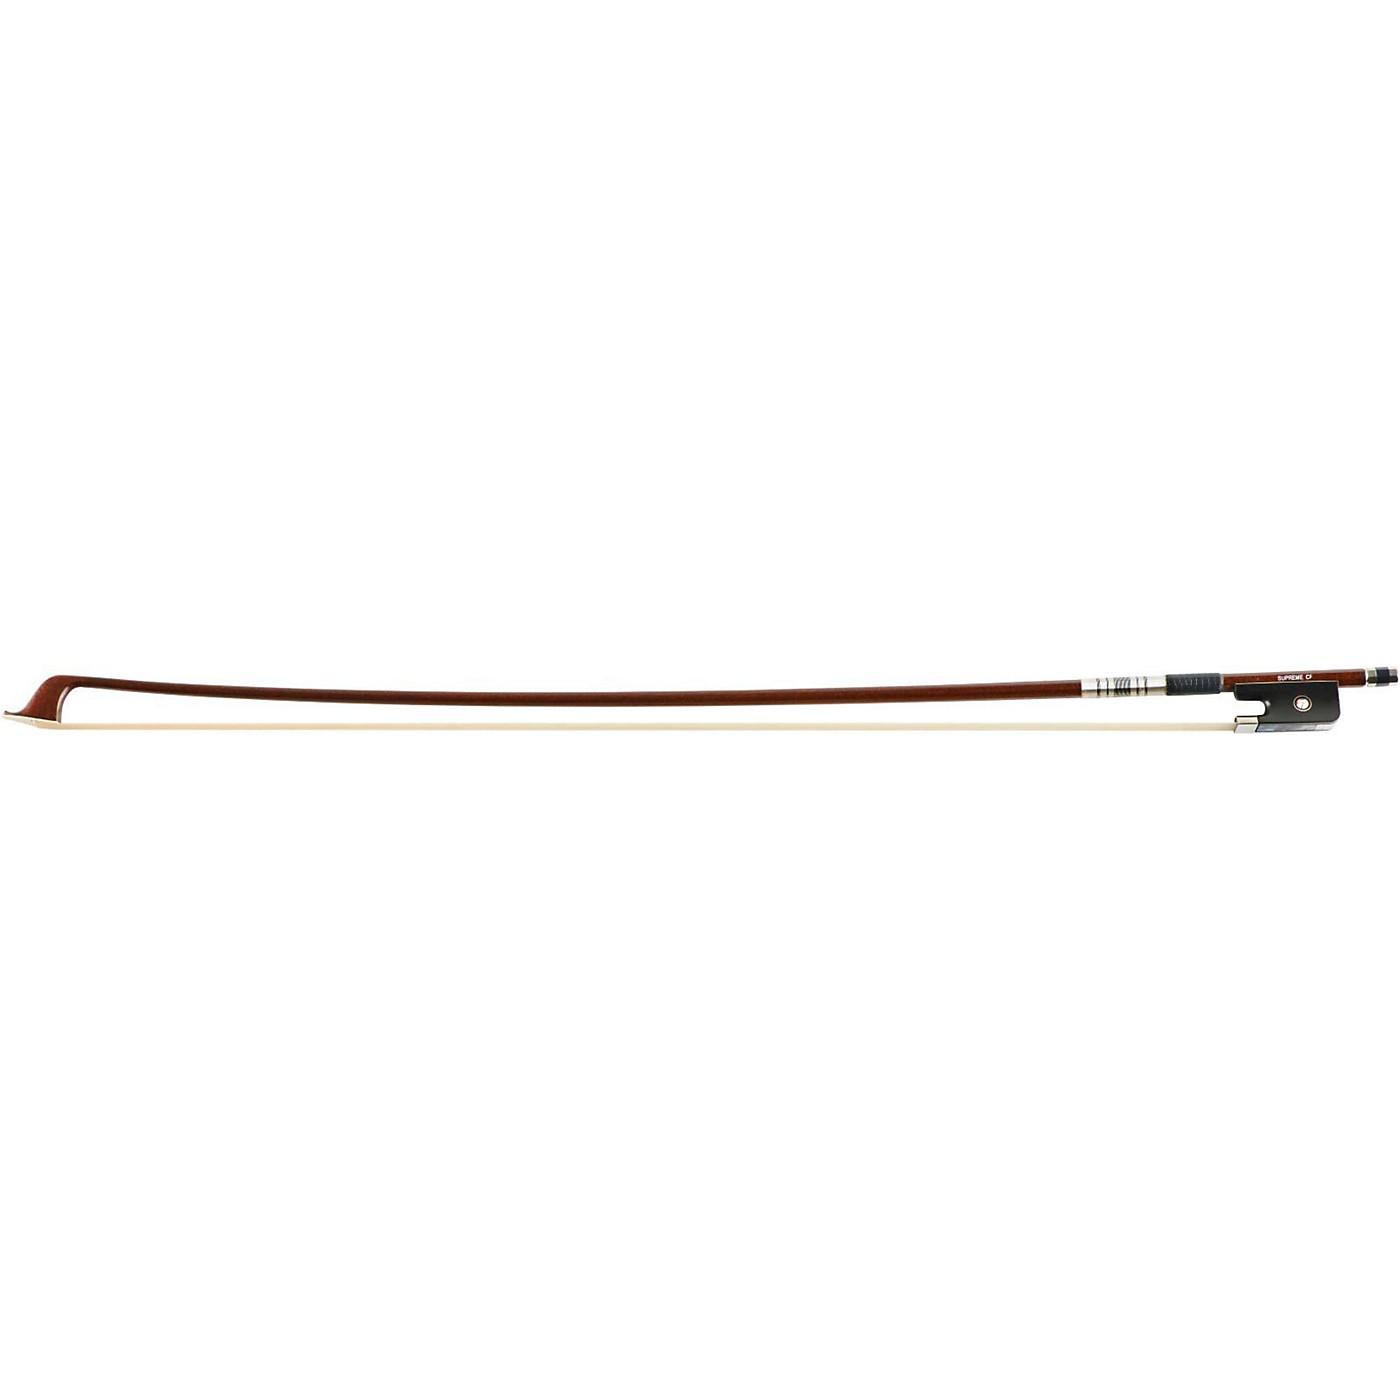 Arcolla Supreme Carbon Fiber Cello Bow thumbnail